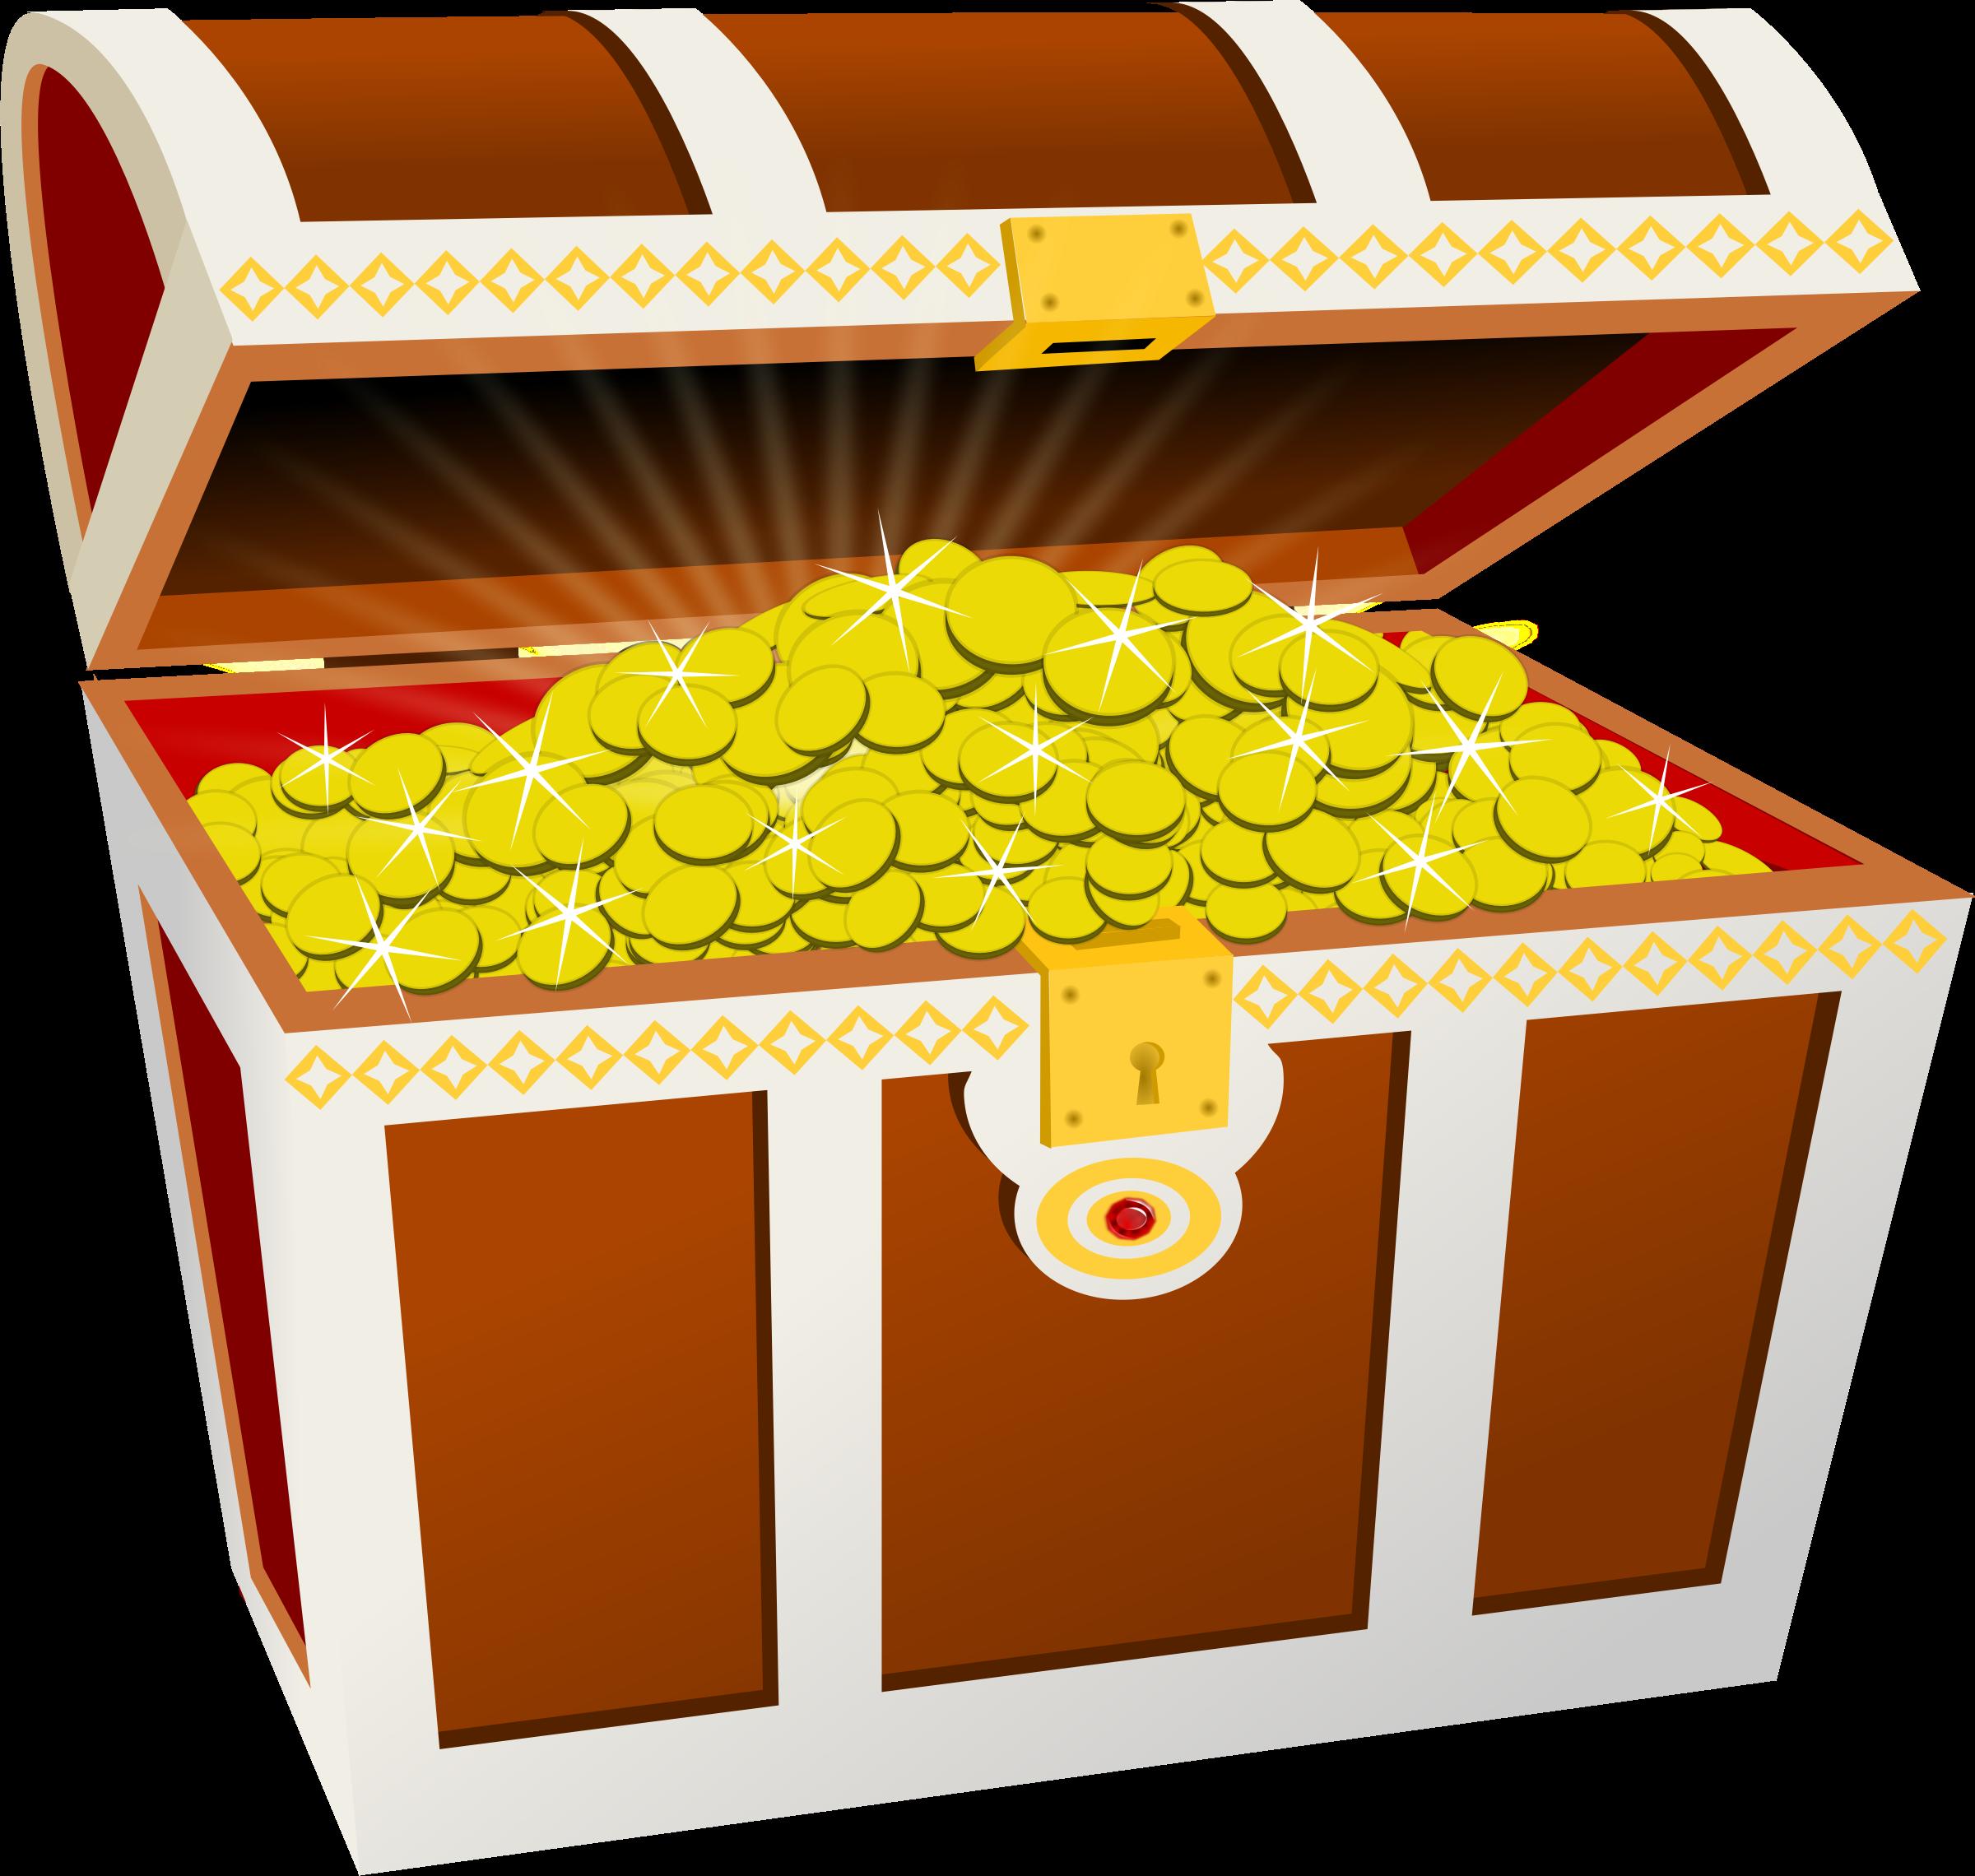 Treasure clipart treasure coin, Treasure treasure coin.